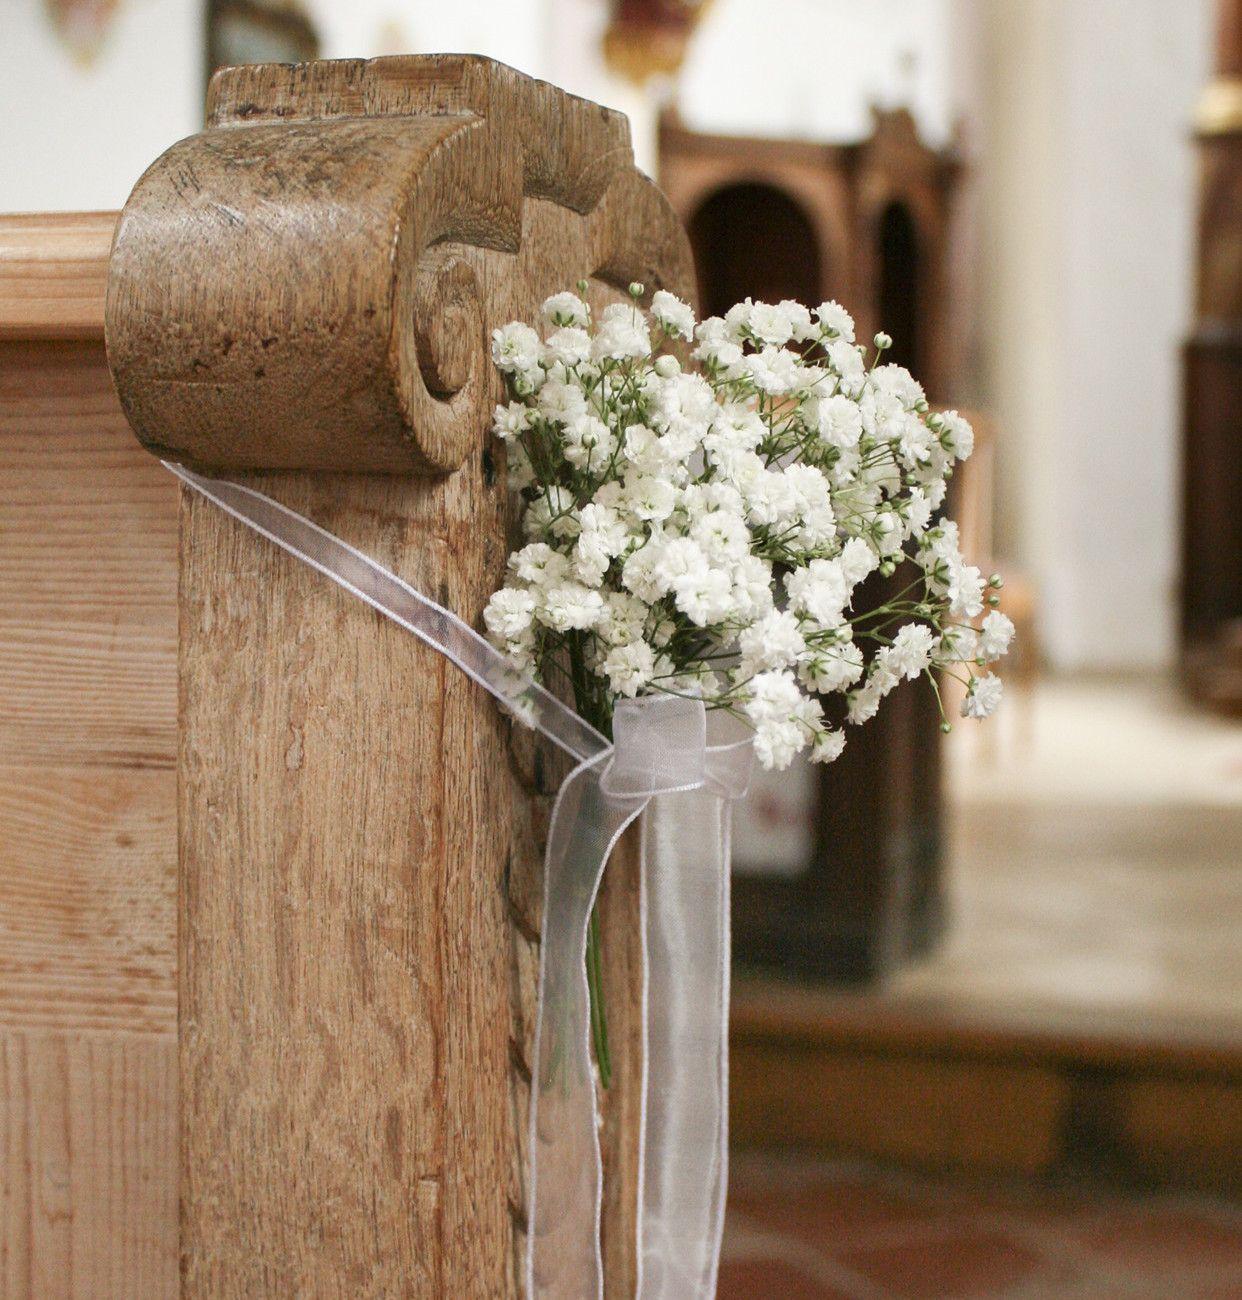 Kirchenbank mit schleierkraut deko hochzeit pinterest for Dekoration hochzeit kirche